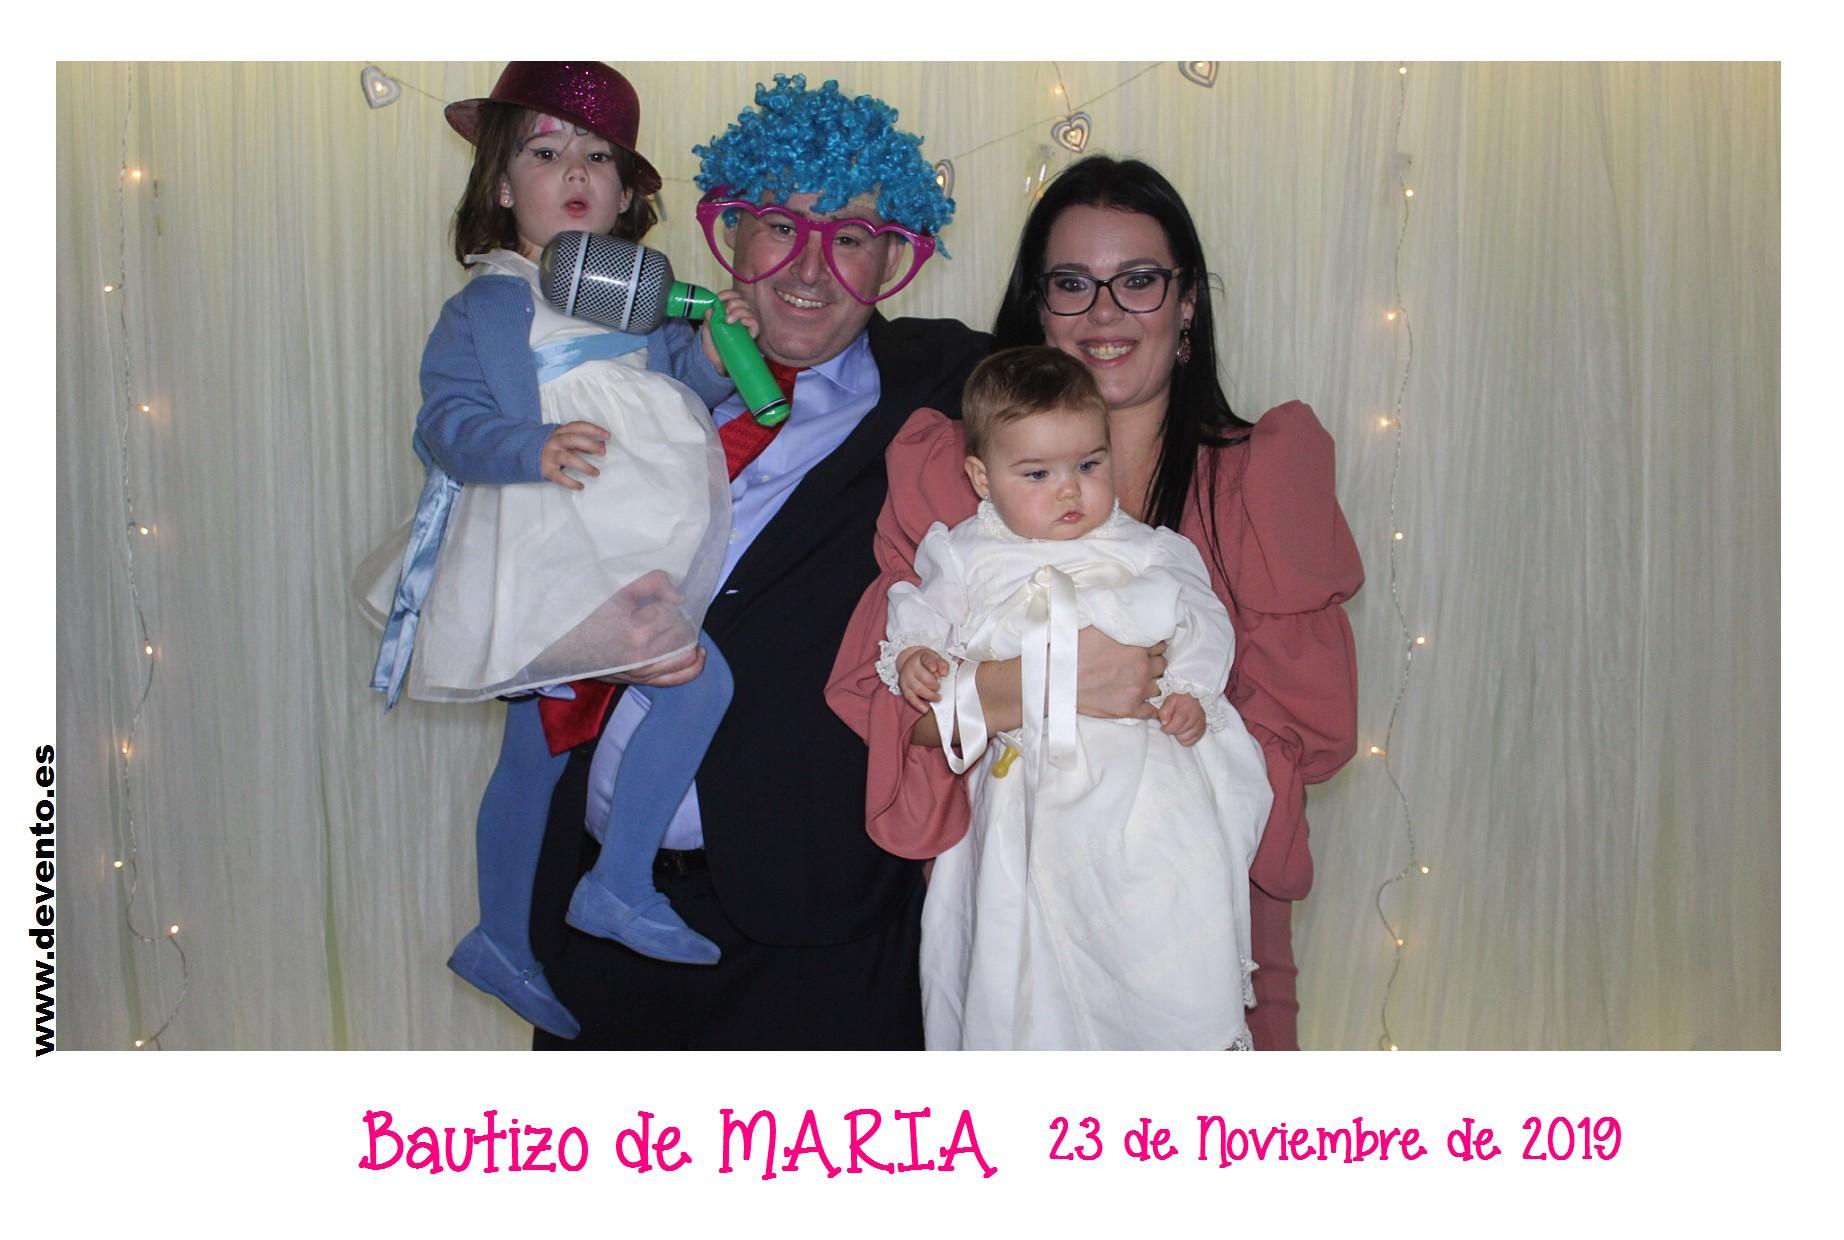 Bautizo de María